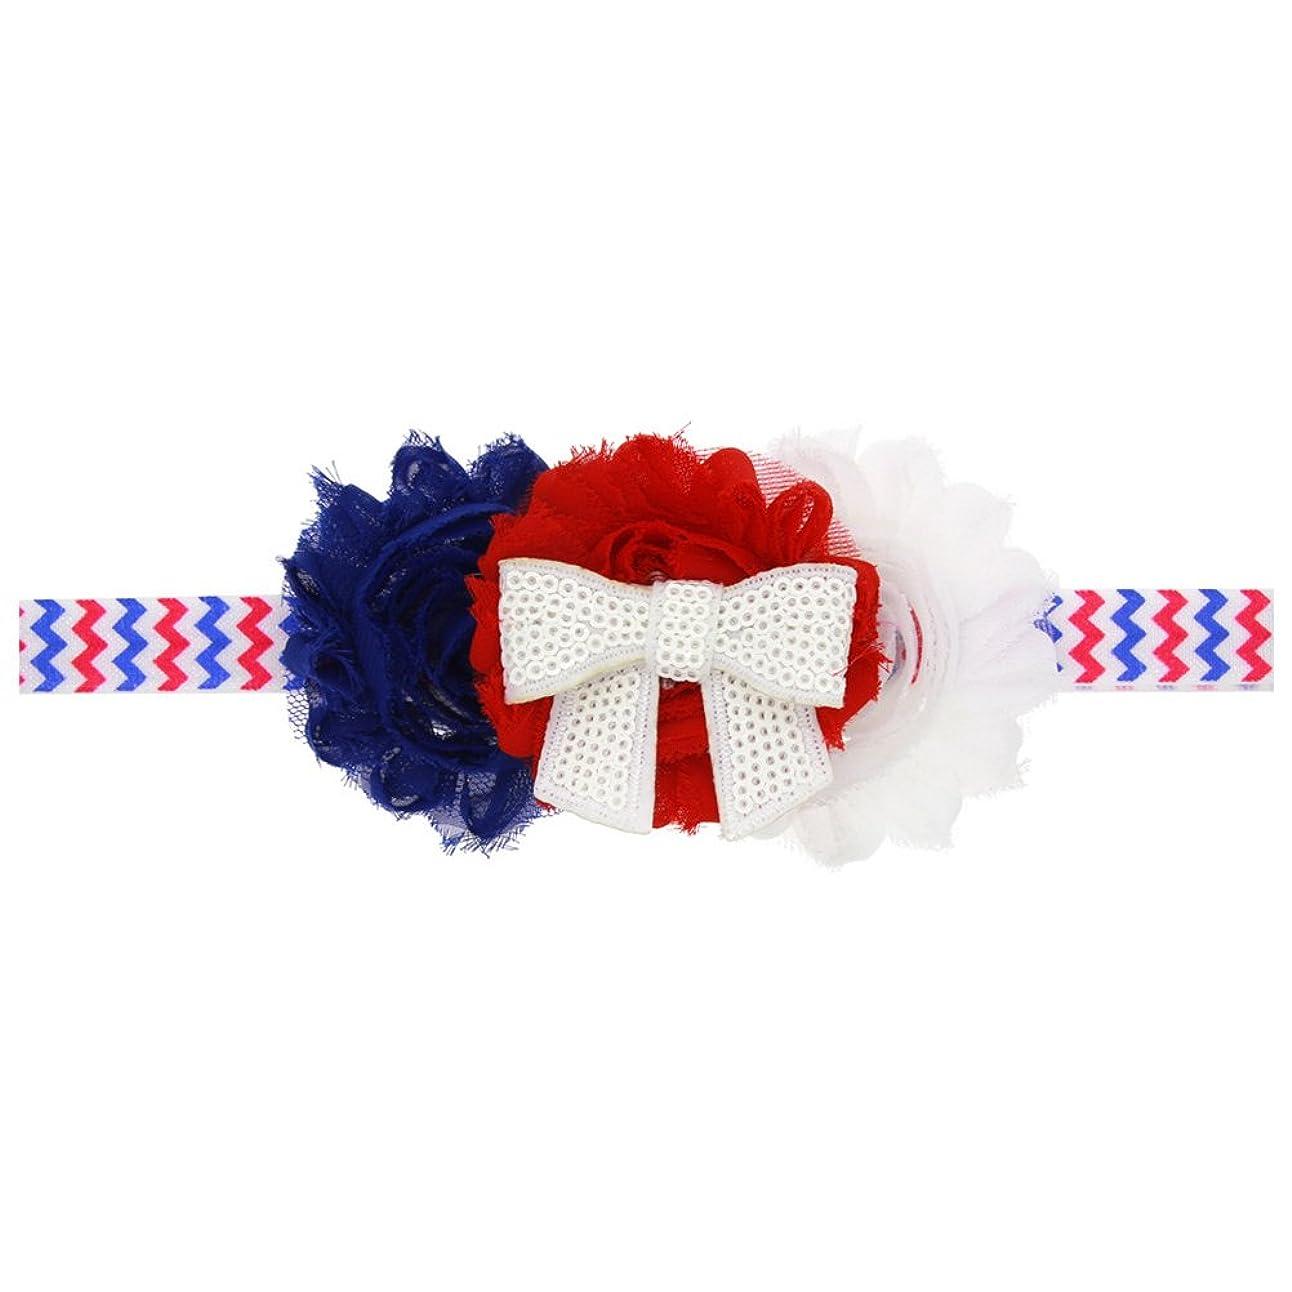 カレッジ支配的調子BESTOYARD 赤ちゃんの女の子の髪のフープアメリカンフラグ愛国心のための愛国心のヘアバンドちょう結び花のフラワークラウンストレッチヘッドバンド